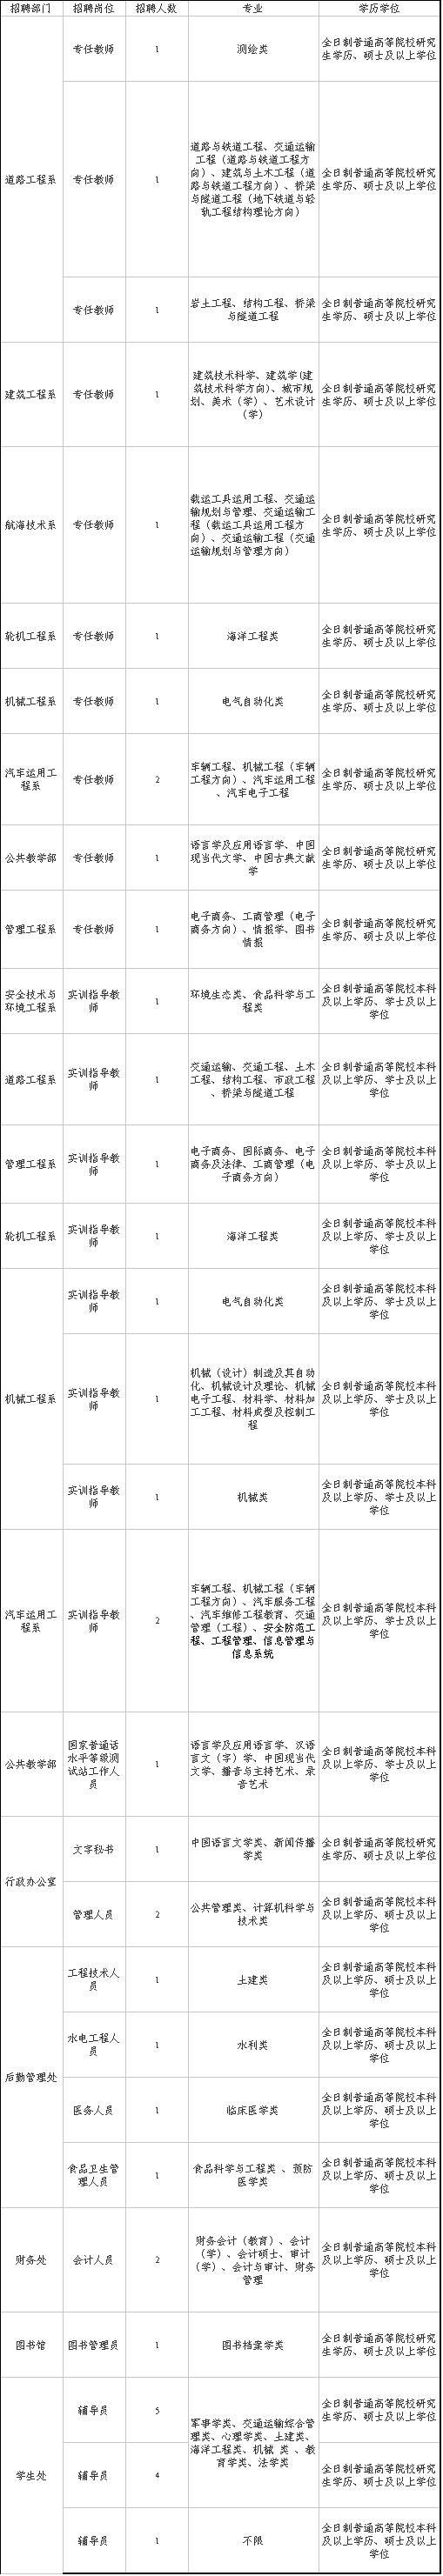 福建发布新一批事业单位招聘公告,岗位超过100个!